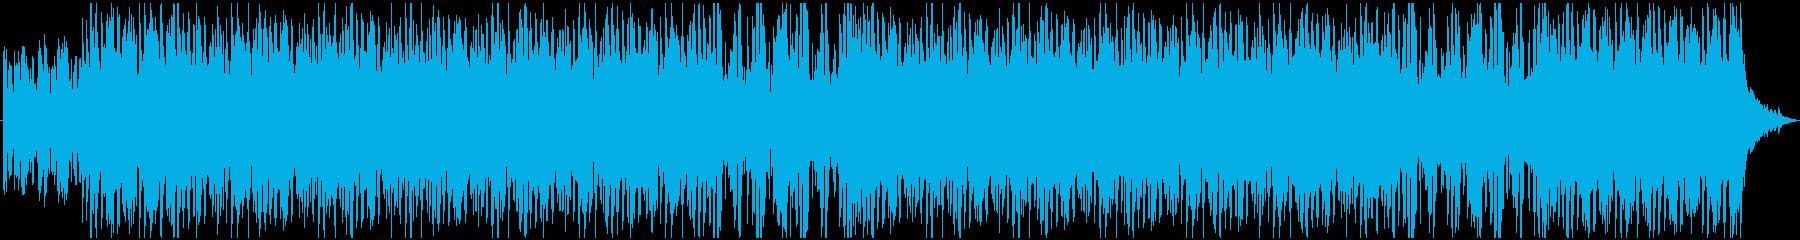 ピアノとギター夜っぽい高級感溢れるBGMの再生済みの波形